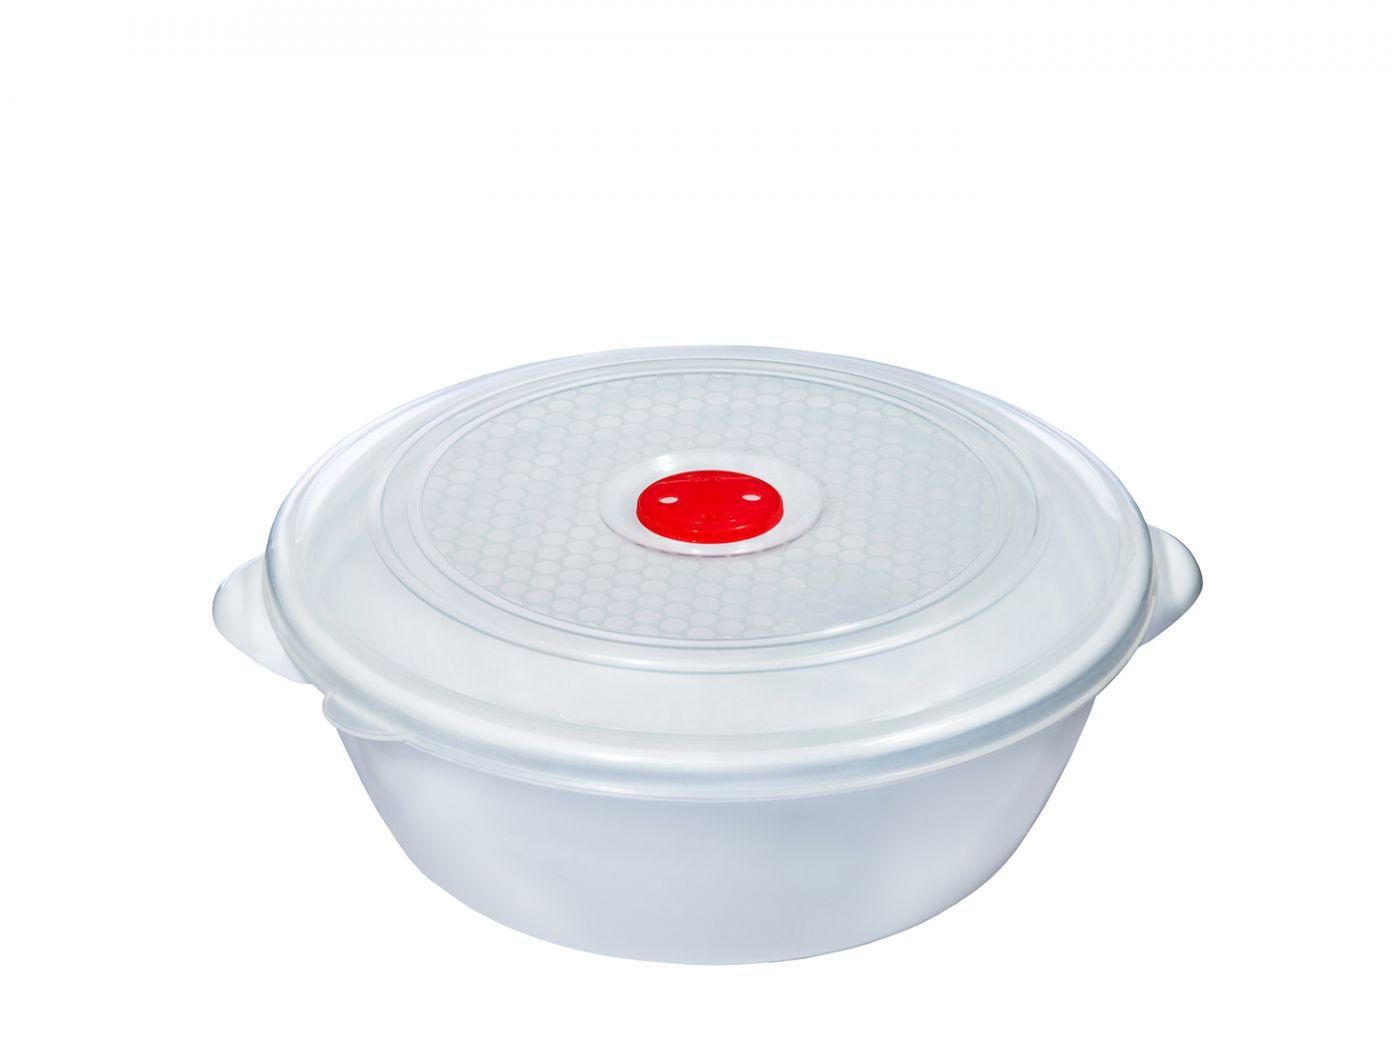 Контейнер для СВЧ 2 литра c крышкой и клапаном Эльфпласт белый круглый 22 см